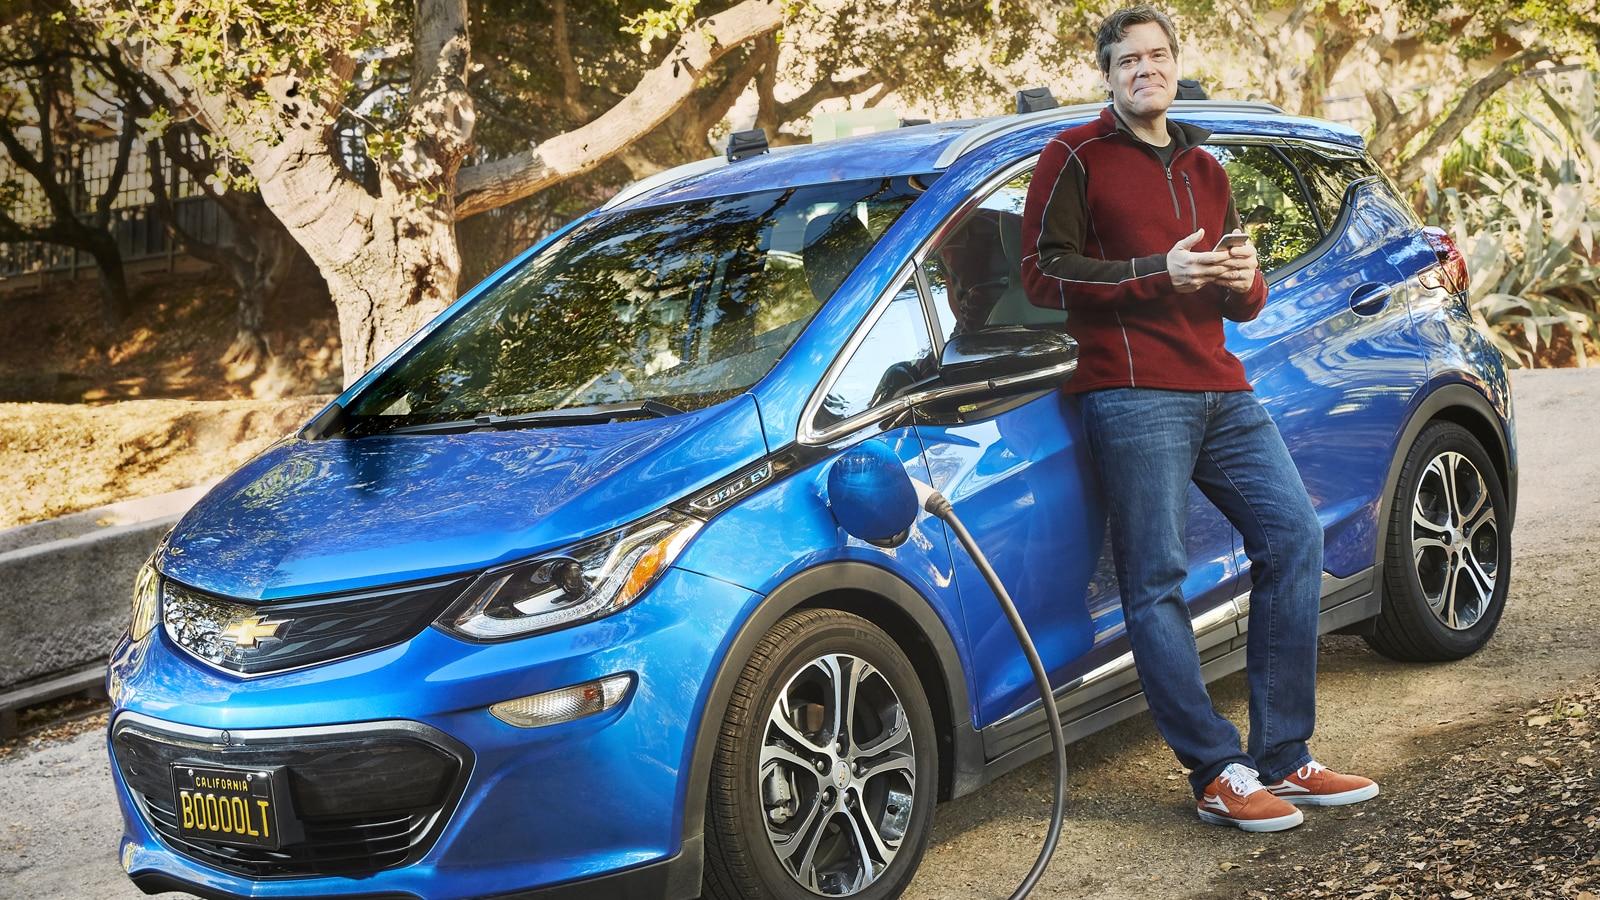 Ethan Stock parado al lado de su Chevy Bolt EV 2017 color Azul, que está enchufado para cargarse.